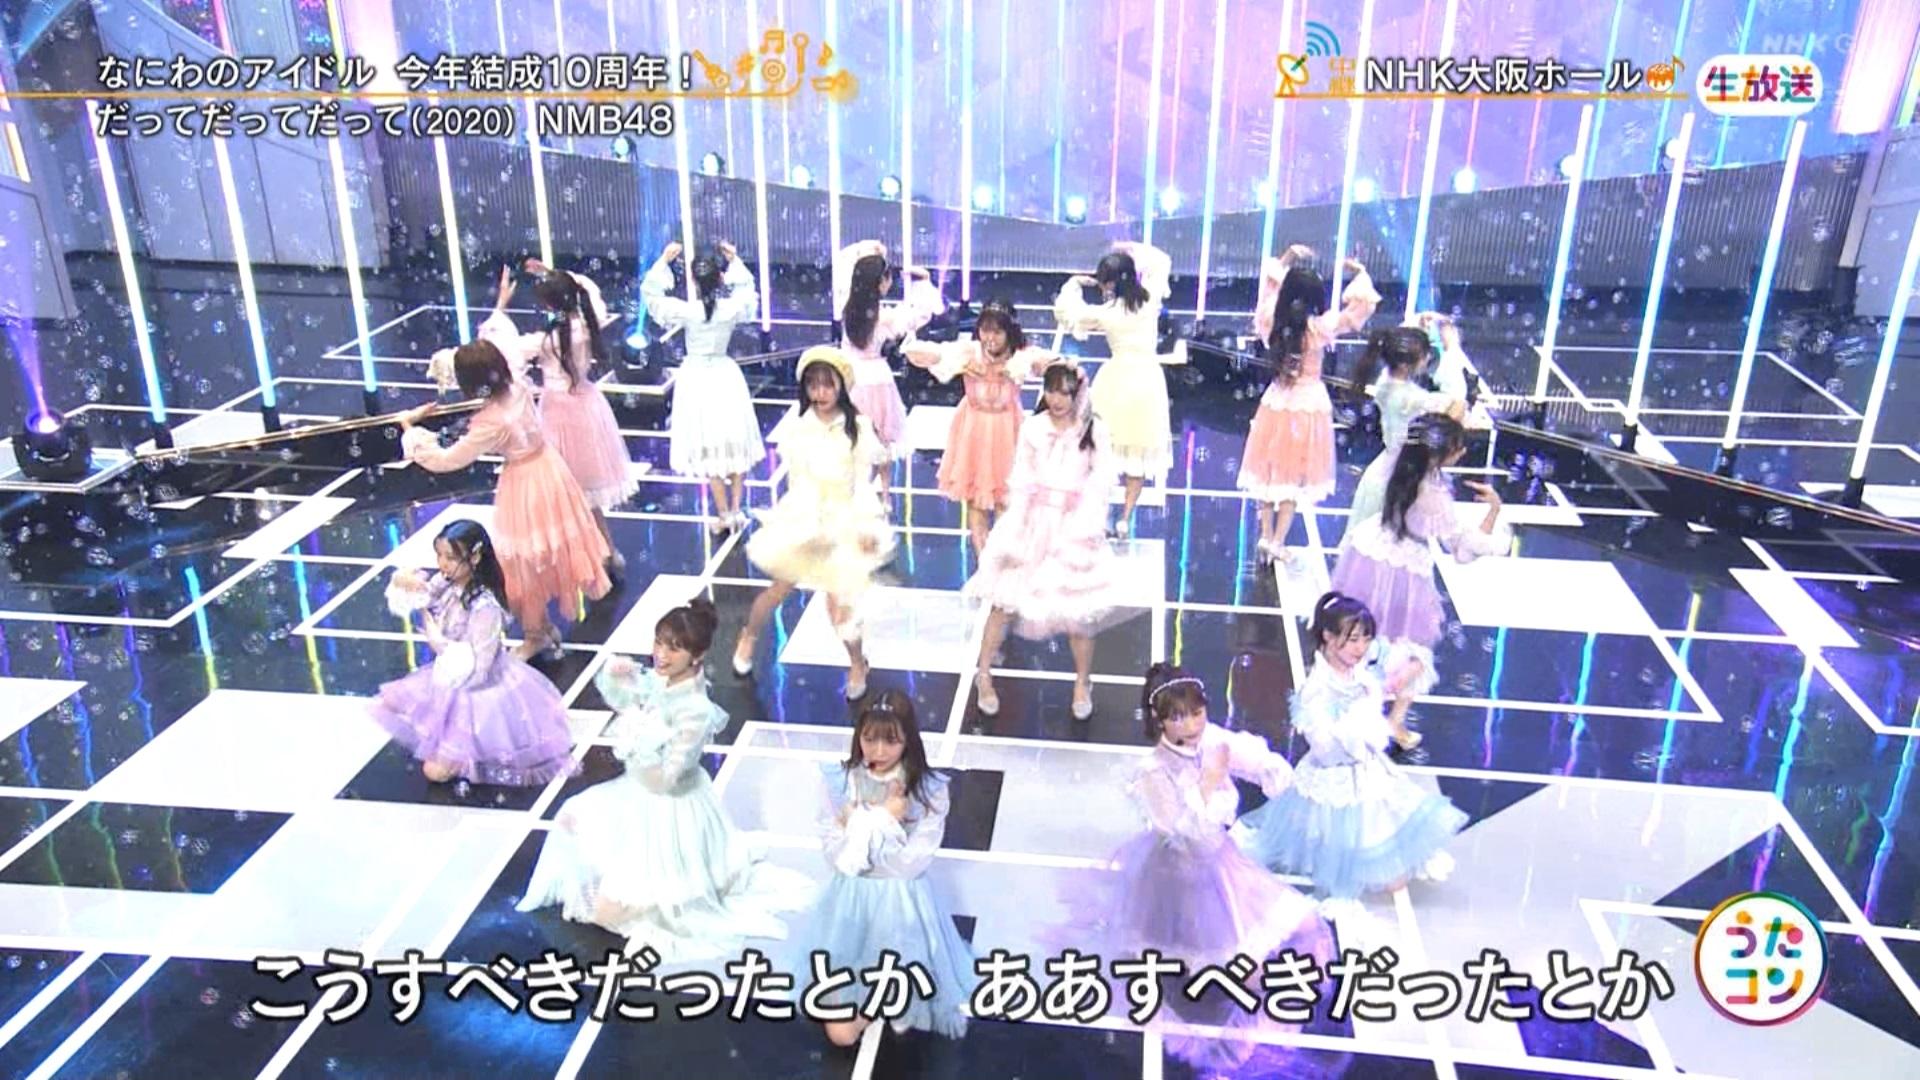 【NMB48】8月25日放送 NHK『うたコン わたしたちには歌がある!』の実況と画像。